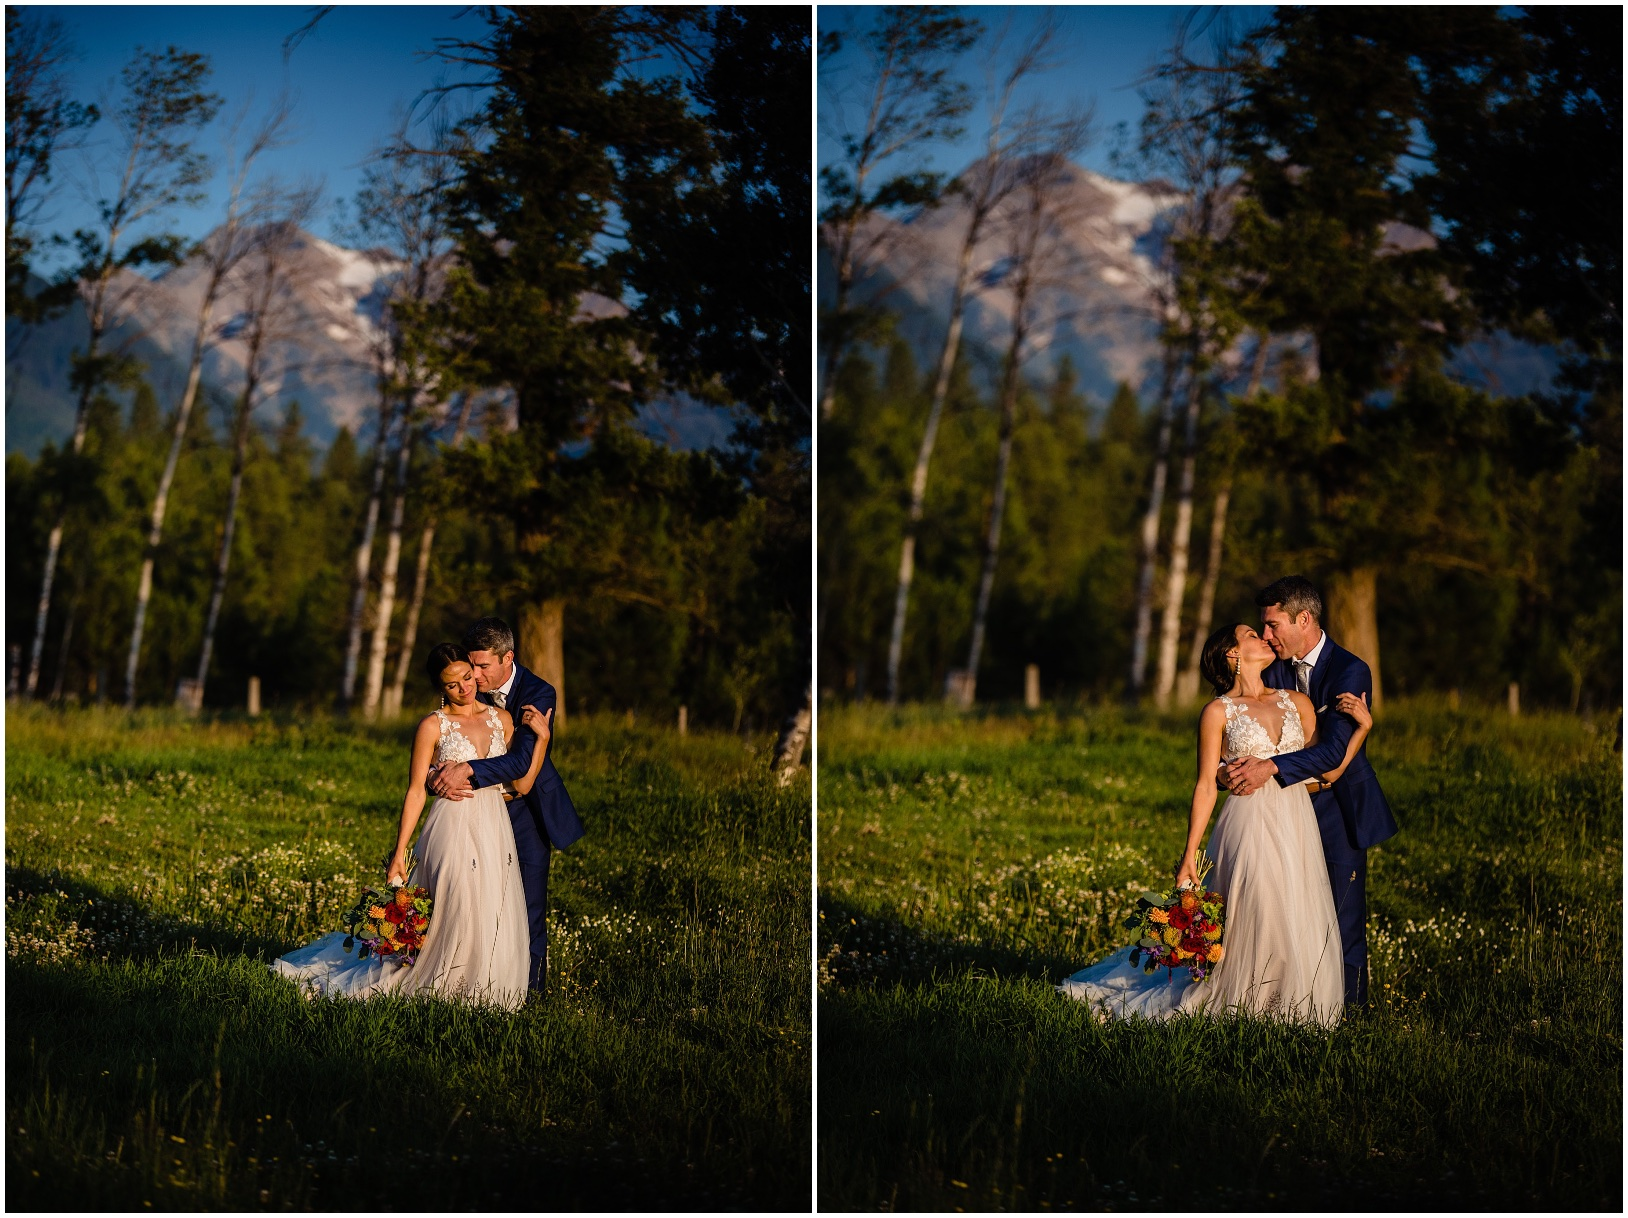 lindseyjane_weddings0127.jpg